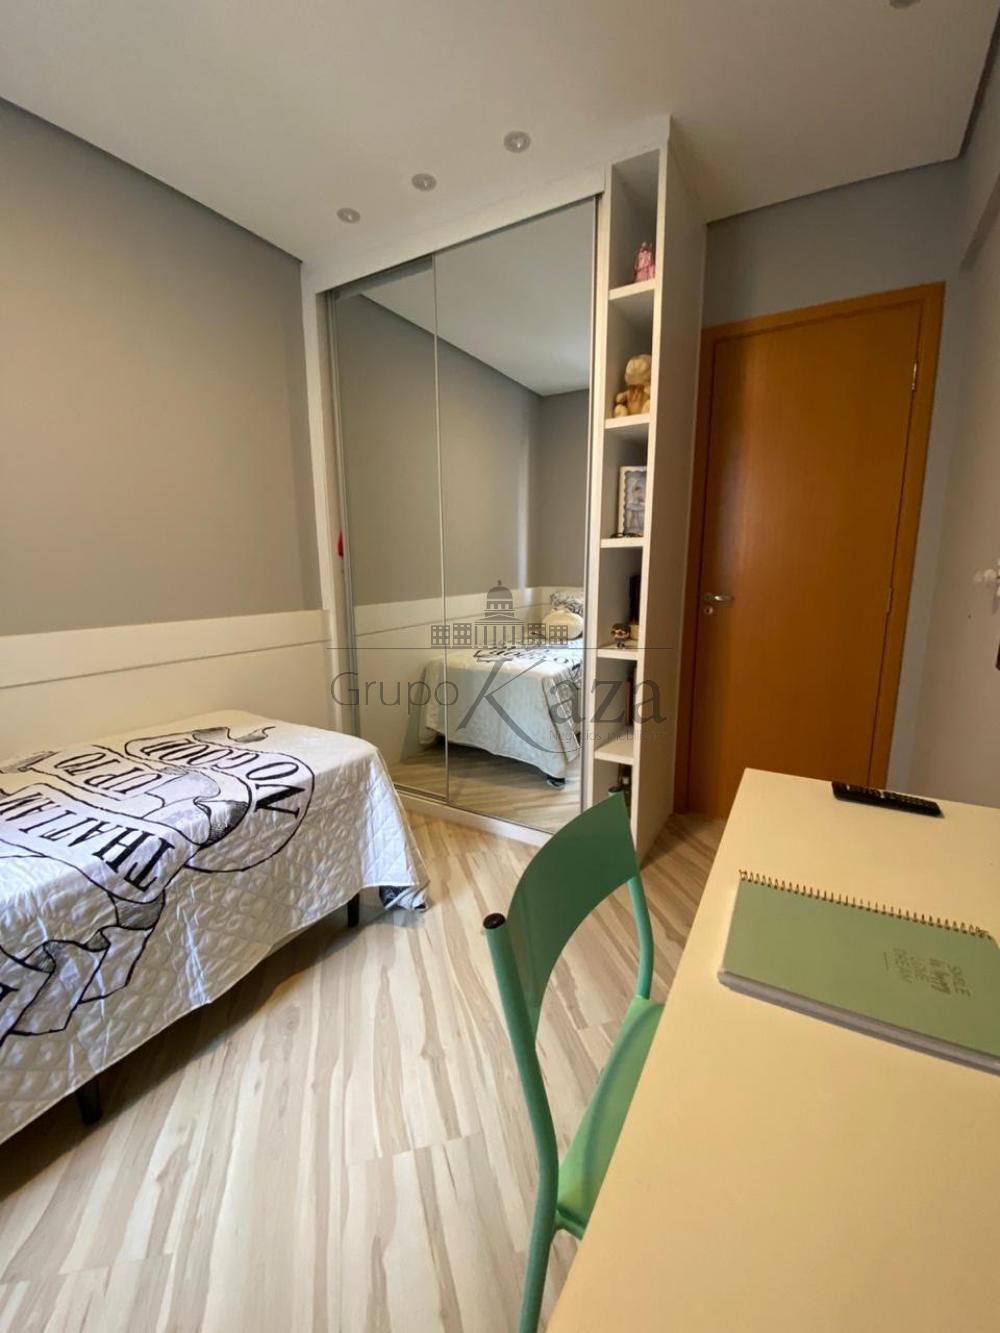 Comprar Apartamento / Padrão em São José dos Campos apenas R$ 690.000,00 - Foto 14